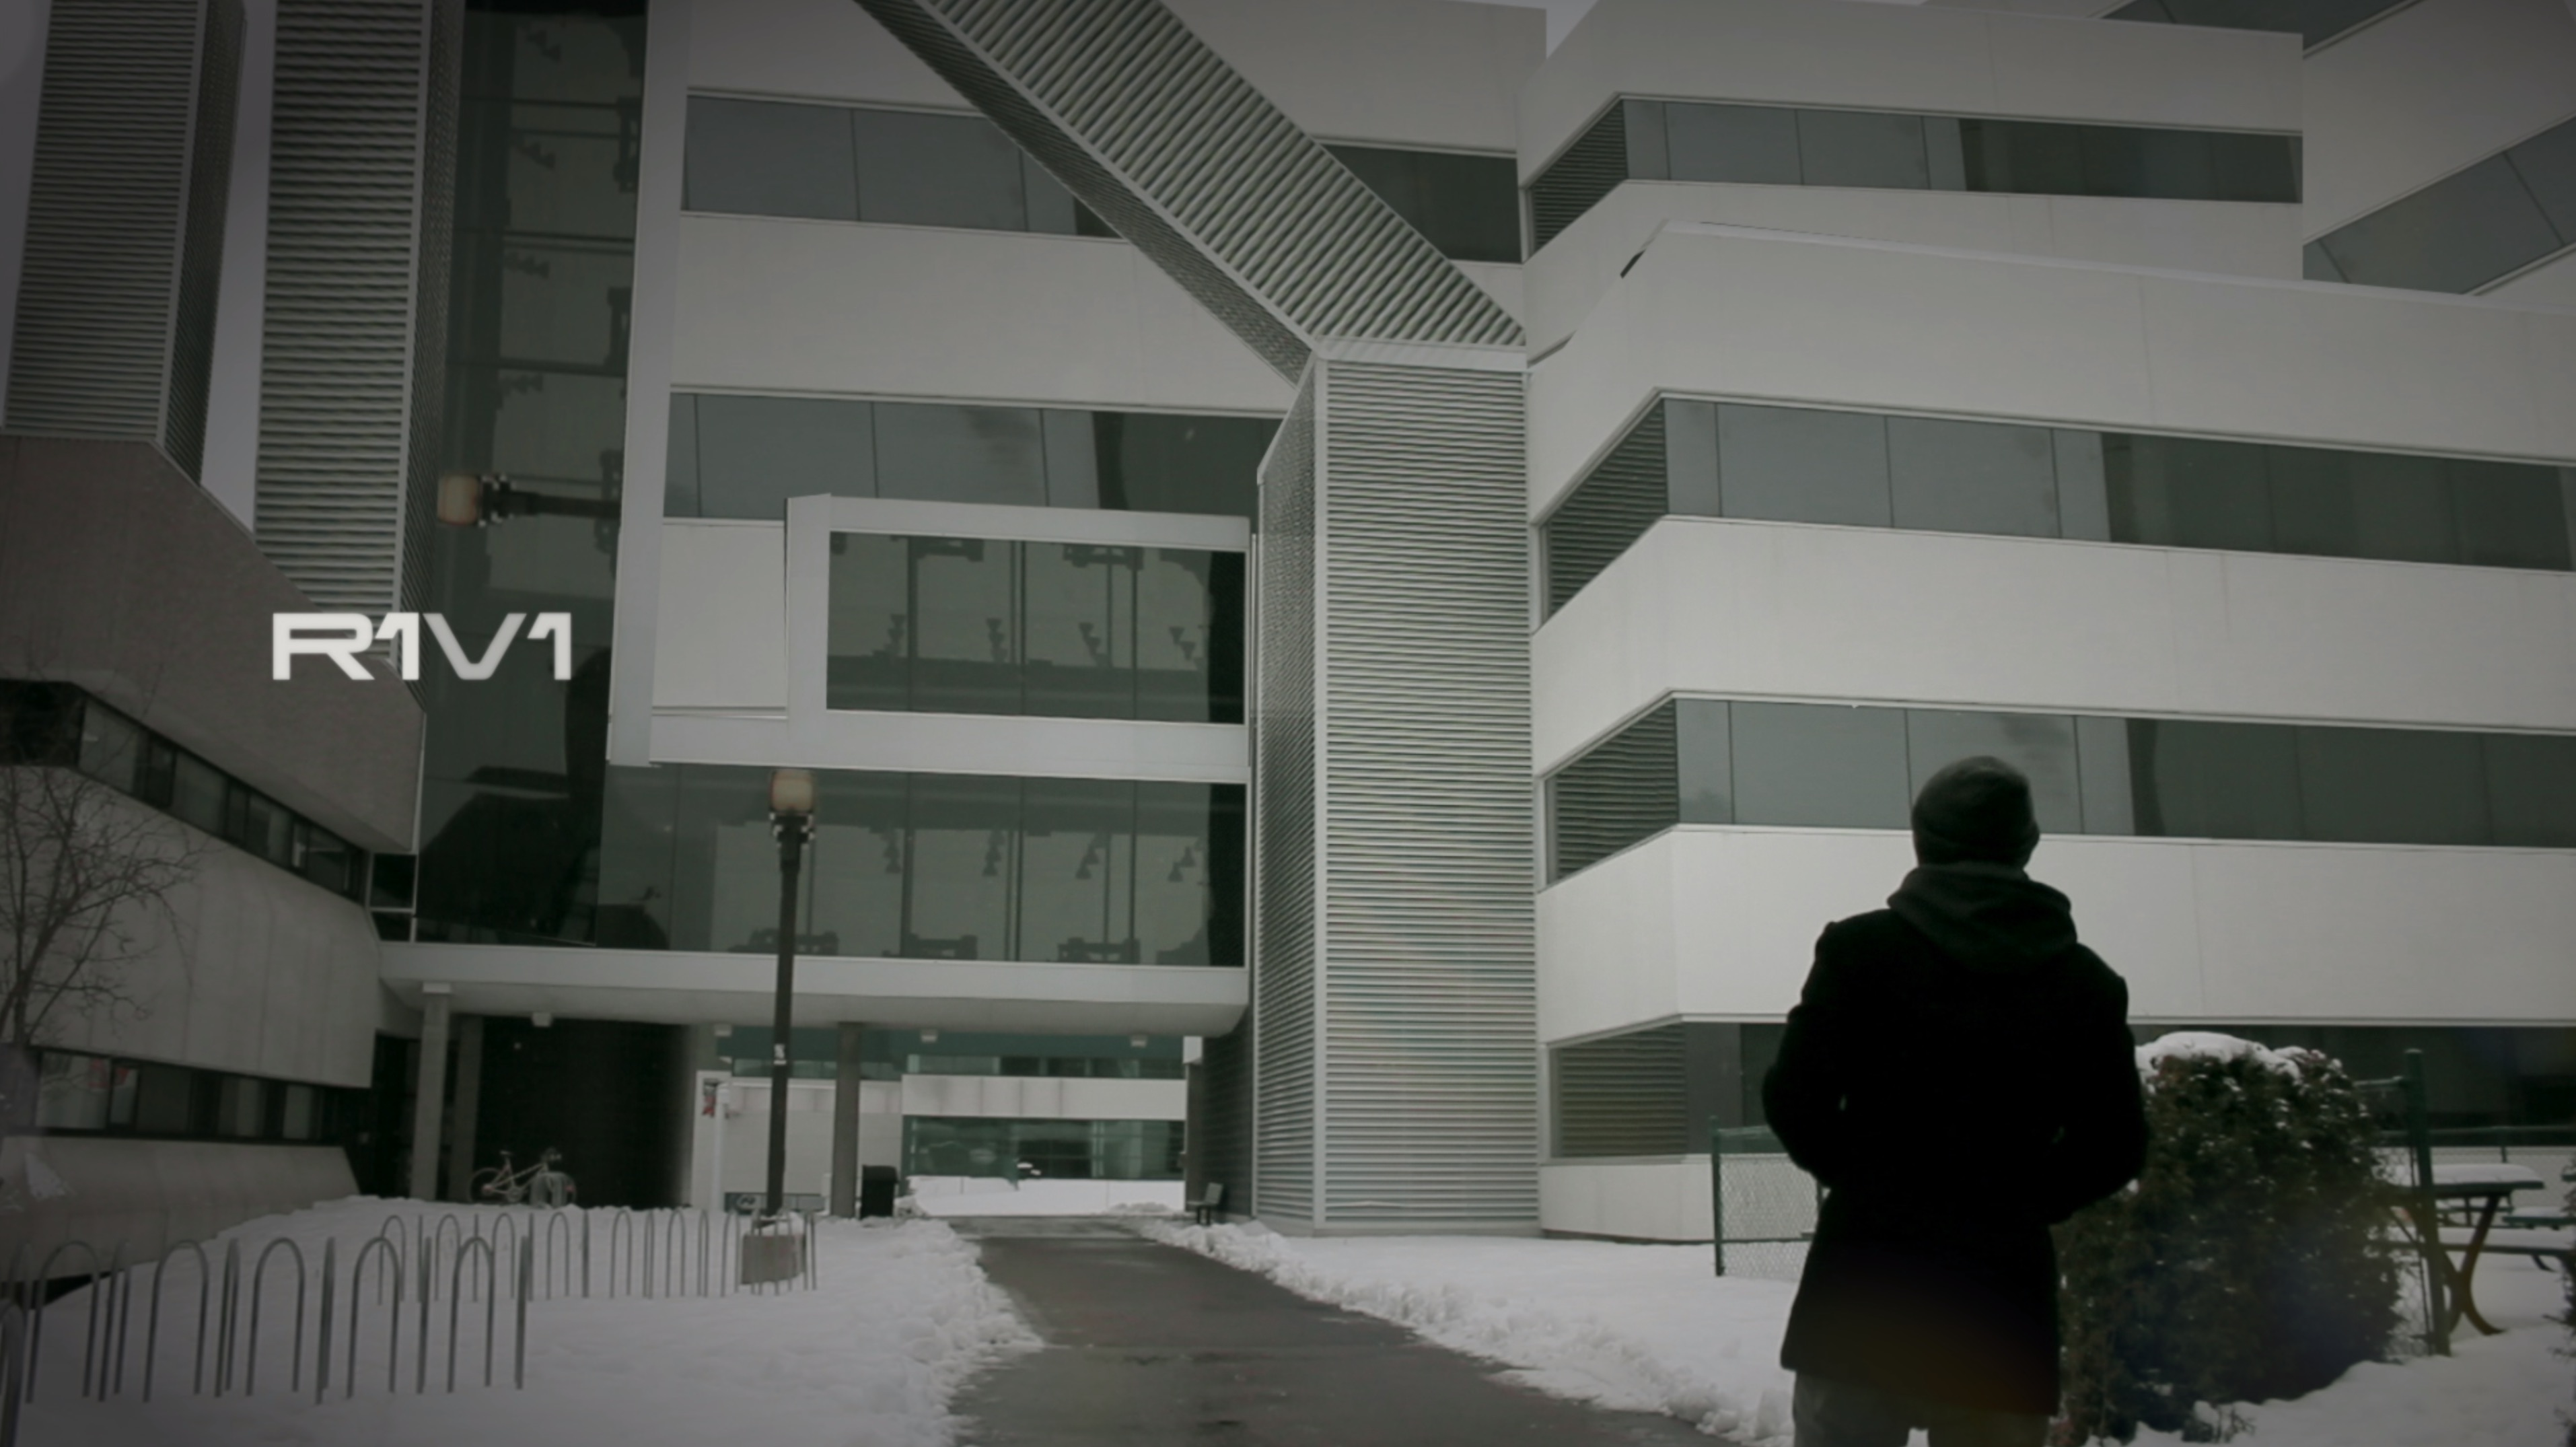 R1V1 - Court-métrage universitaire